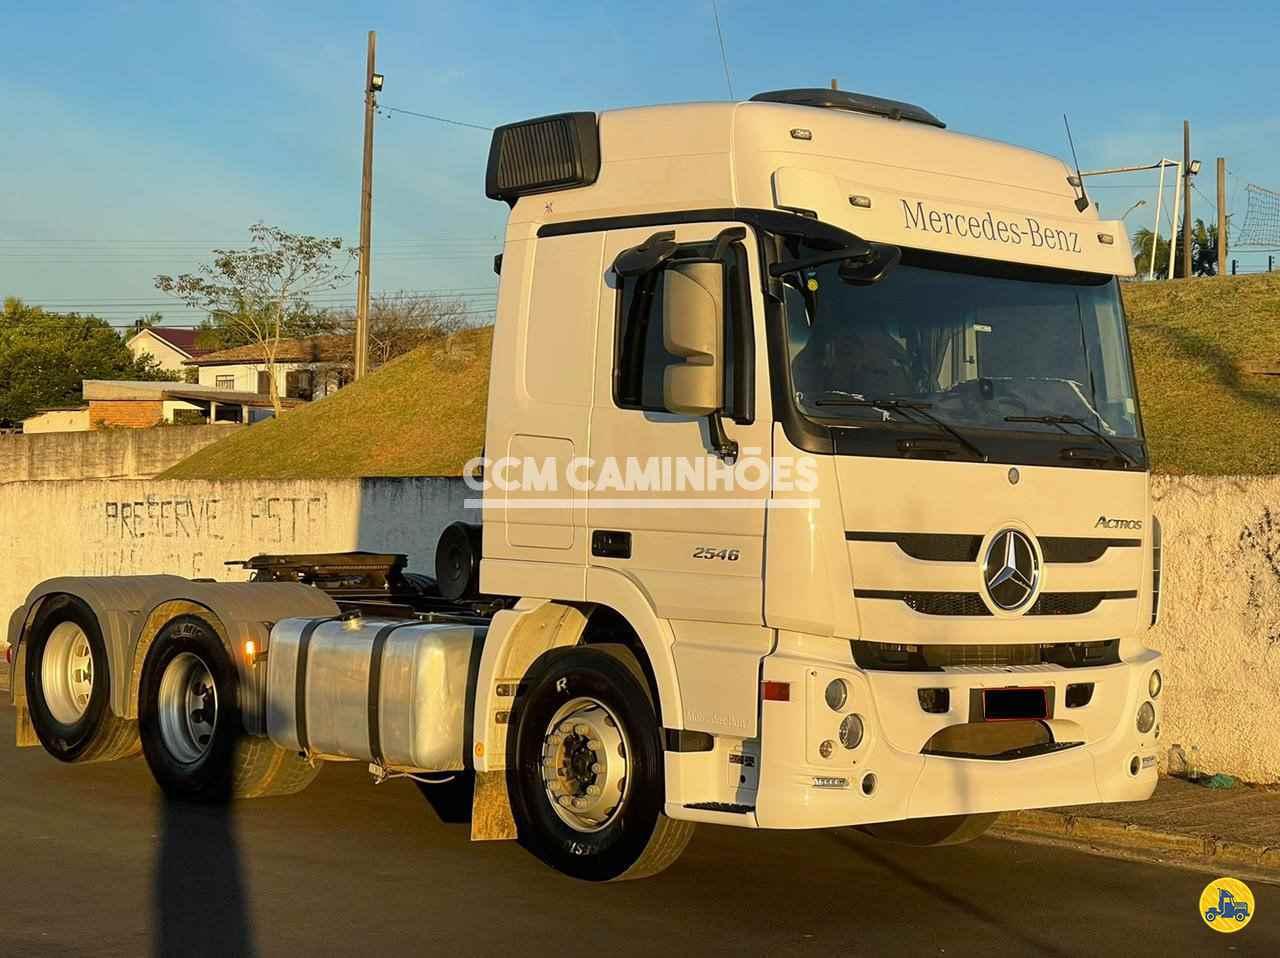 CAMINHAO MERCEDES-BENZ MB 2546 Cavalo Mecânico Truck 6x2 CCM Caminhões GOIANIA GOIAS GO